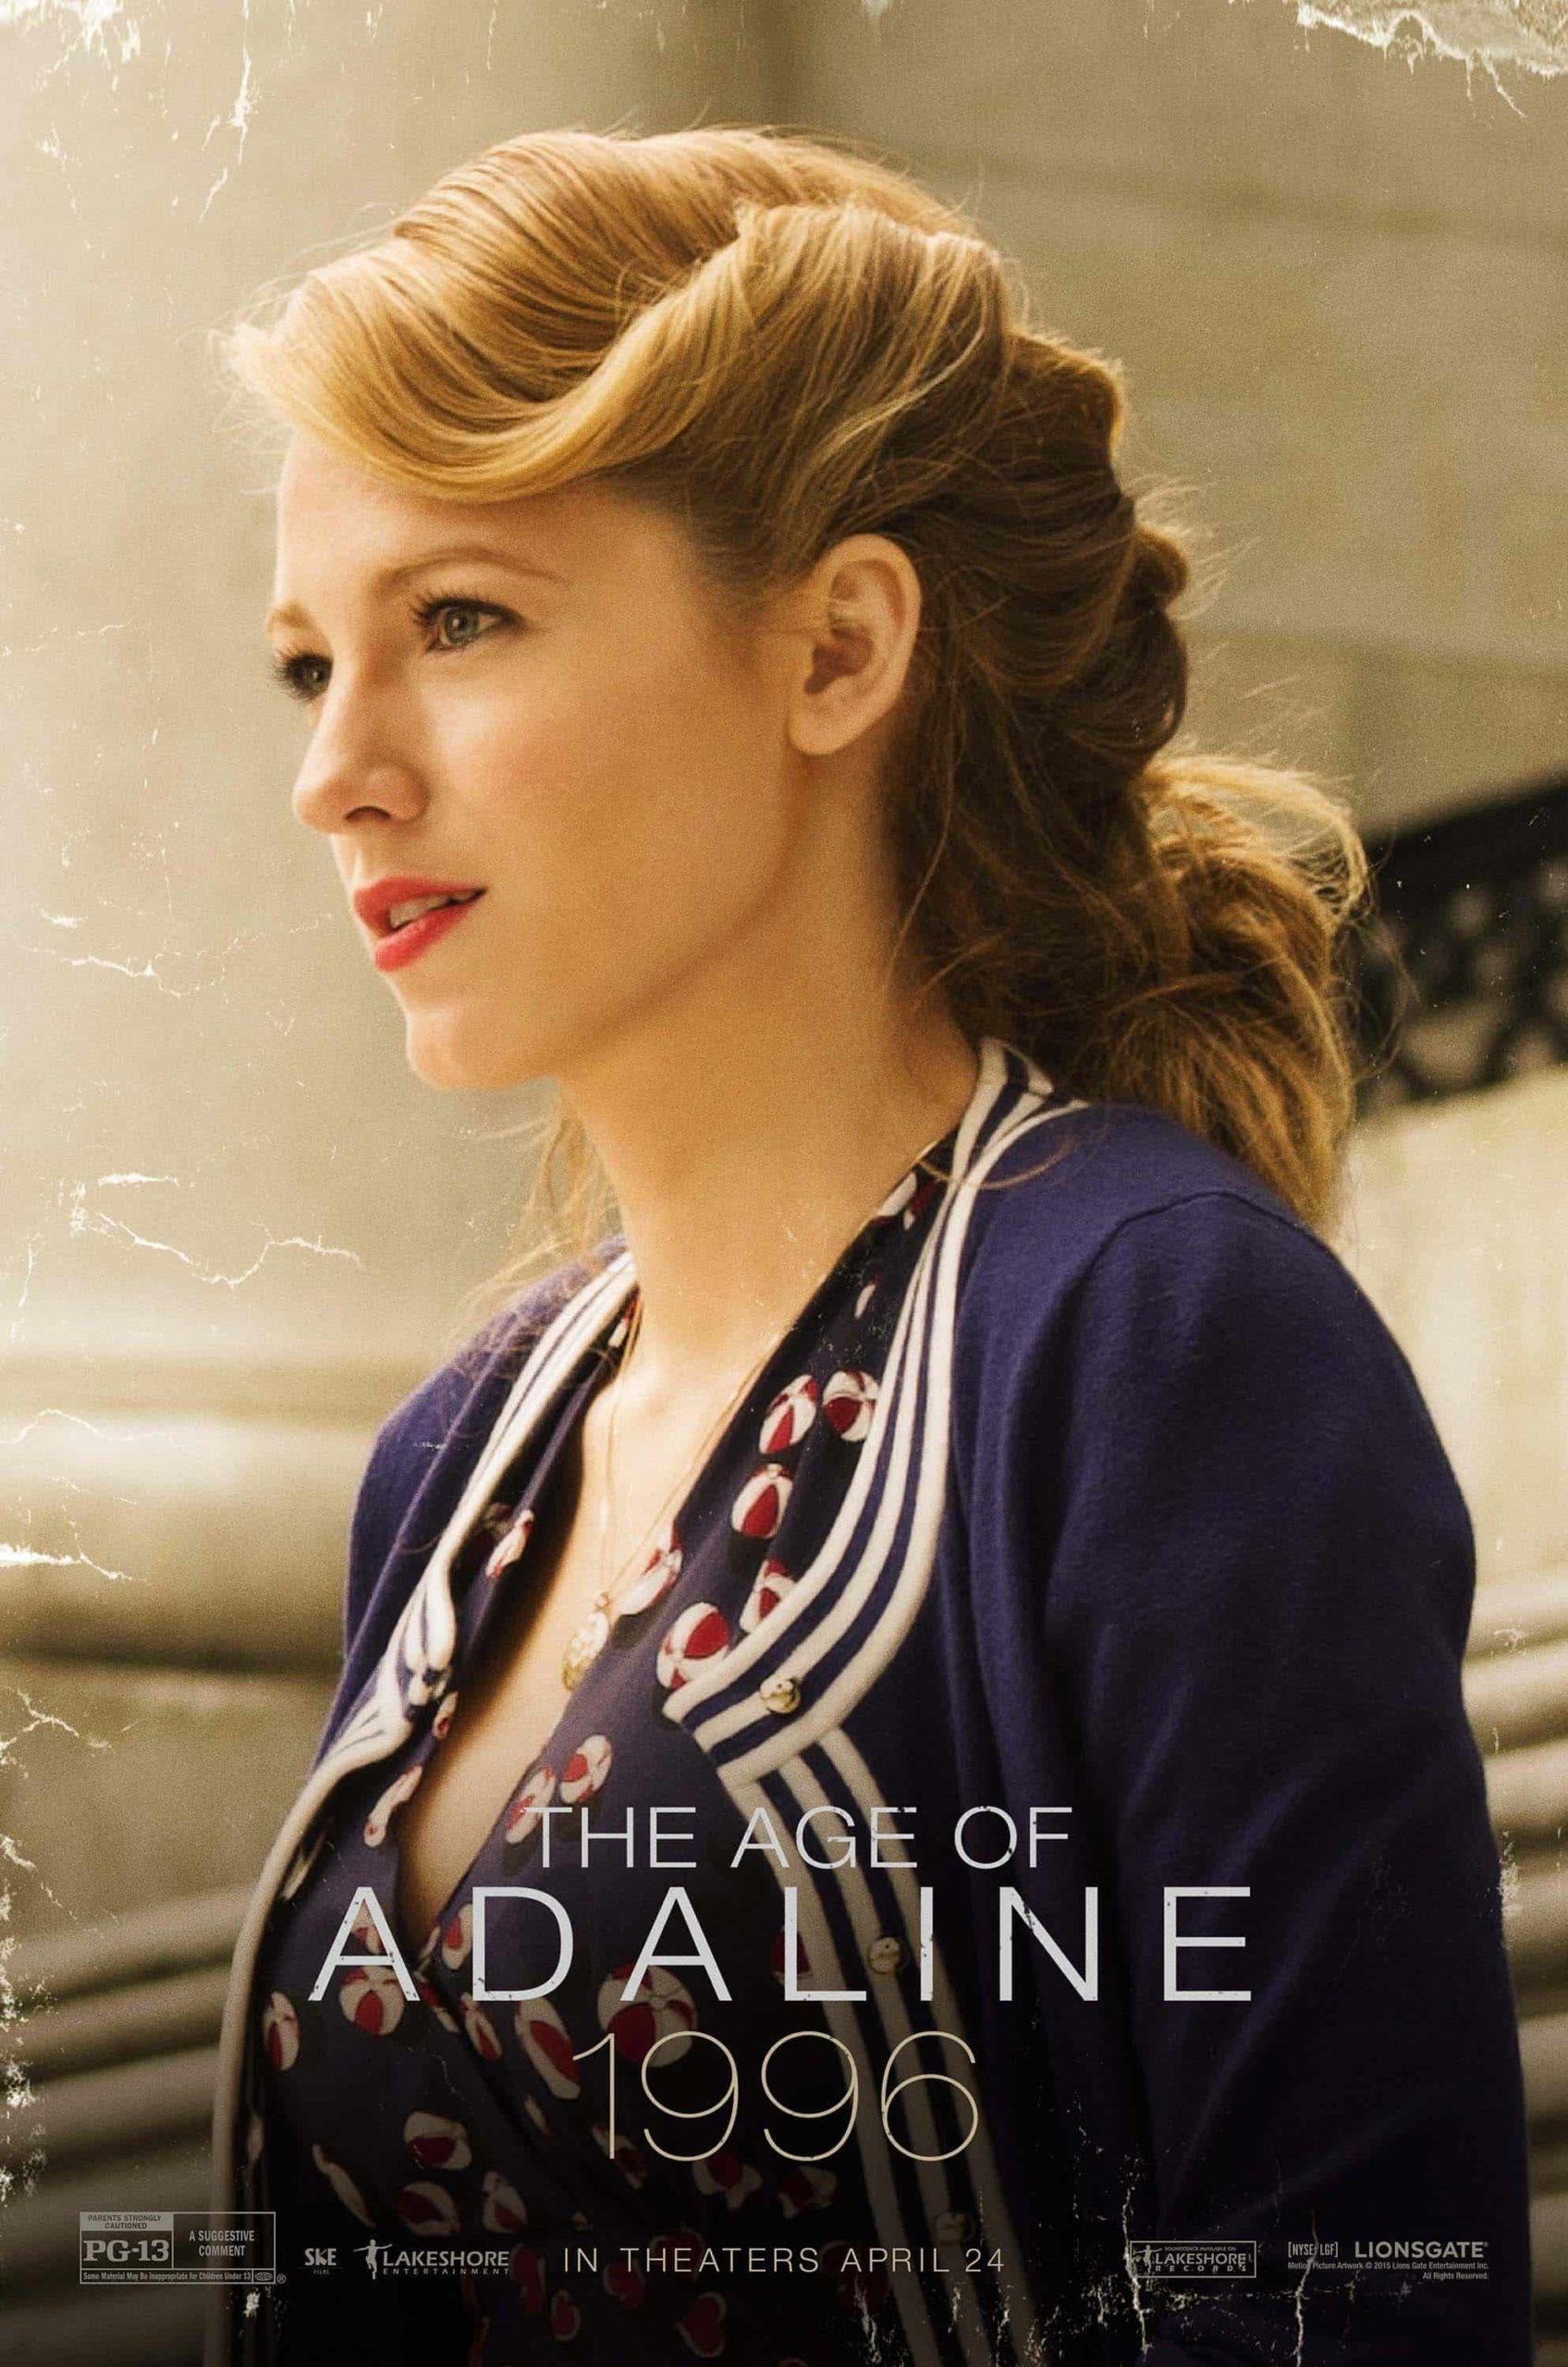 La edad de Adaline - Age of Adaline  (8)